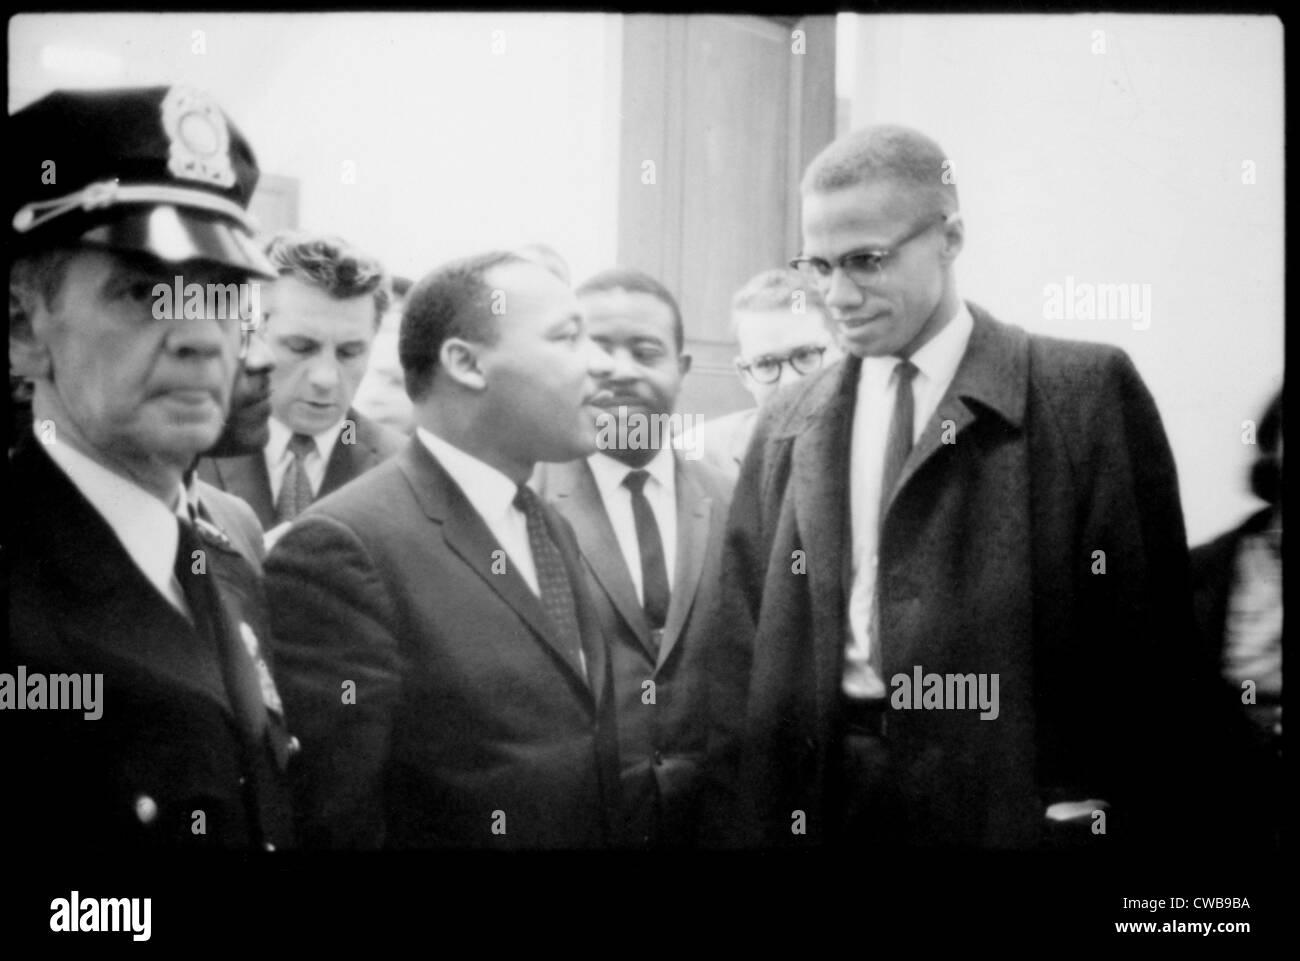 Martin Luther King Jr. y Malcolm X, esperando la conferencia de prensa, en 1964. Imagen De Stock